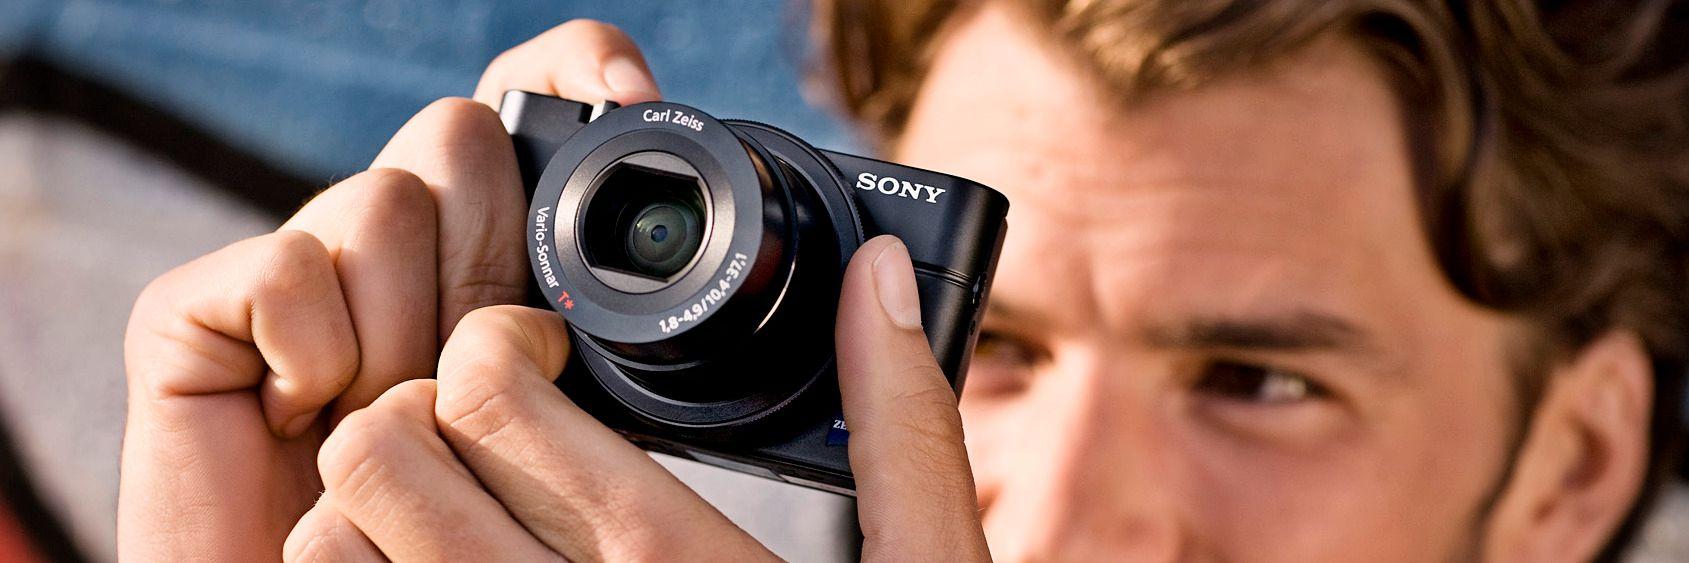 Avanserte kompaktkamera